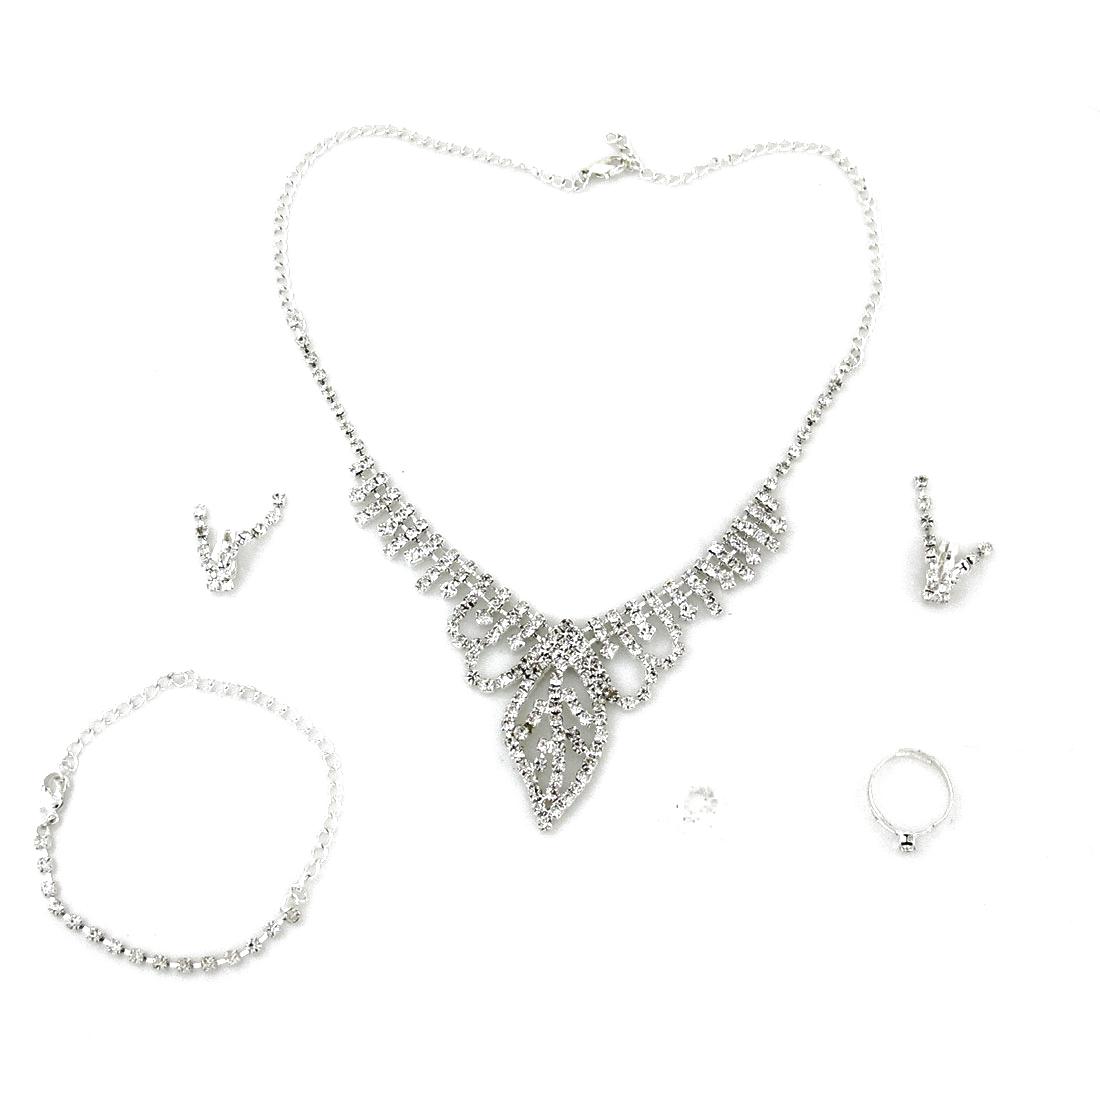 Woman Adjustable Glistening Rhinestones Bracelet Necklace Clip Earrings Jewelry 4 in 1